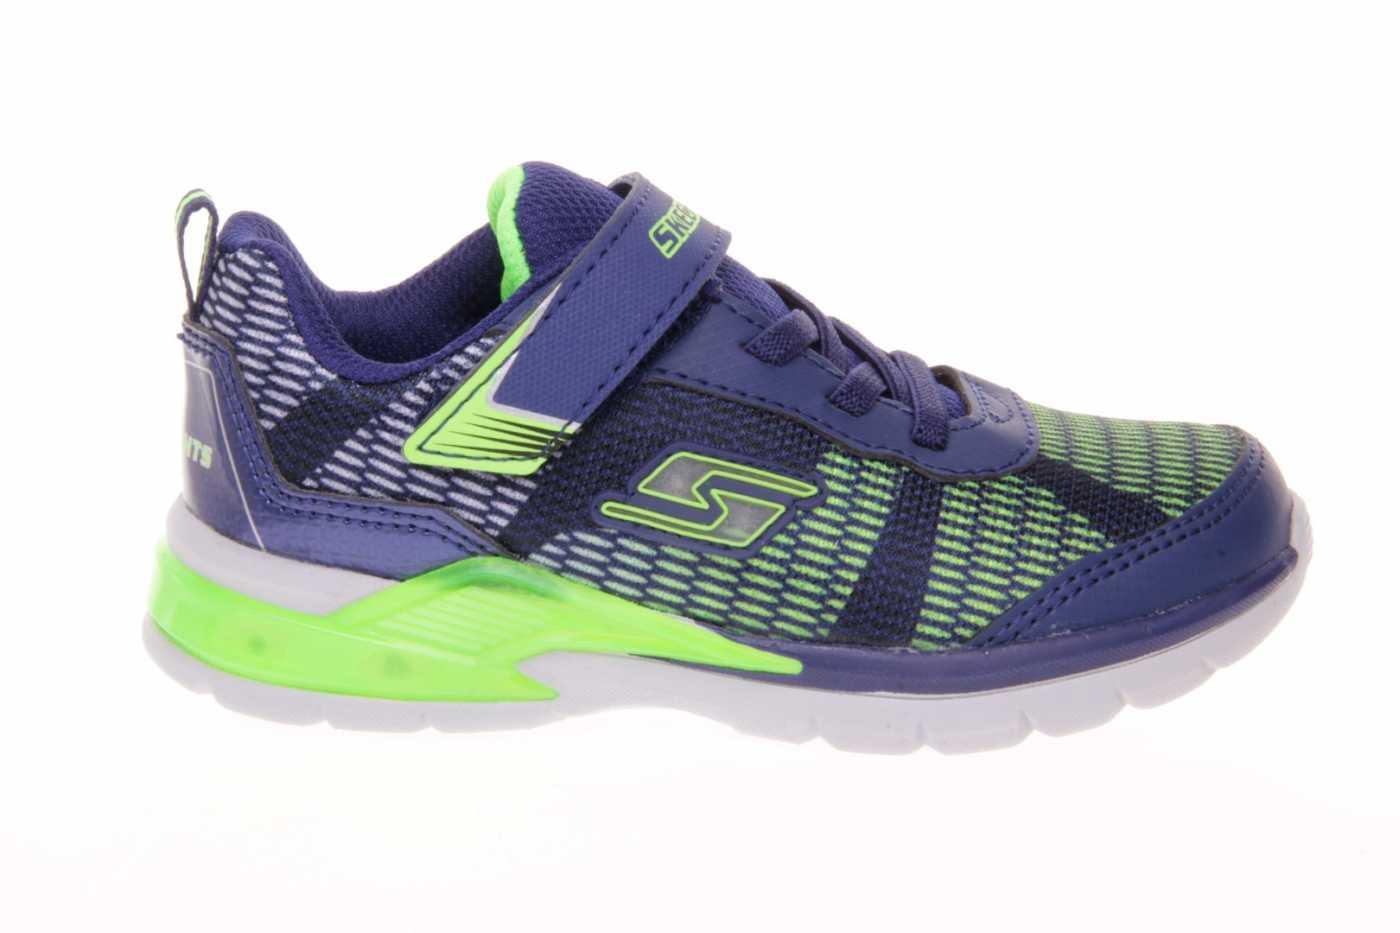 Niño Comprar Textil Joven Tipo Color Zapato Azul Deportivo Estilo aqqwHxtC